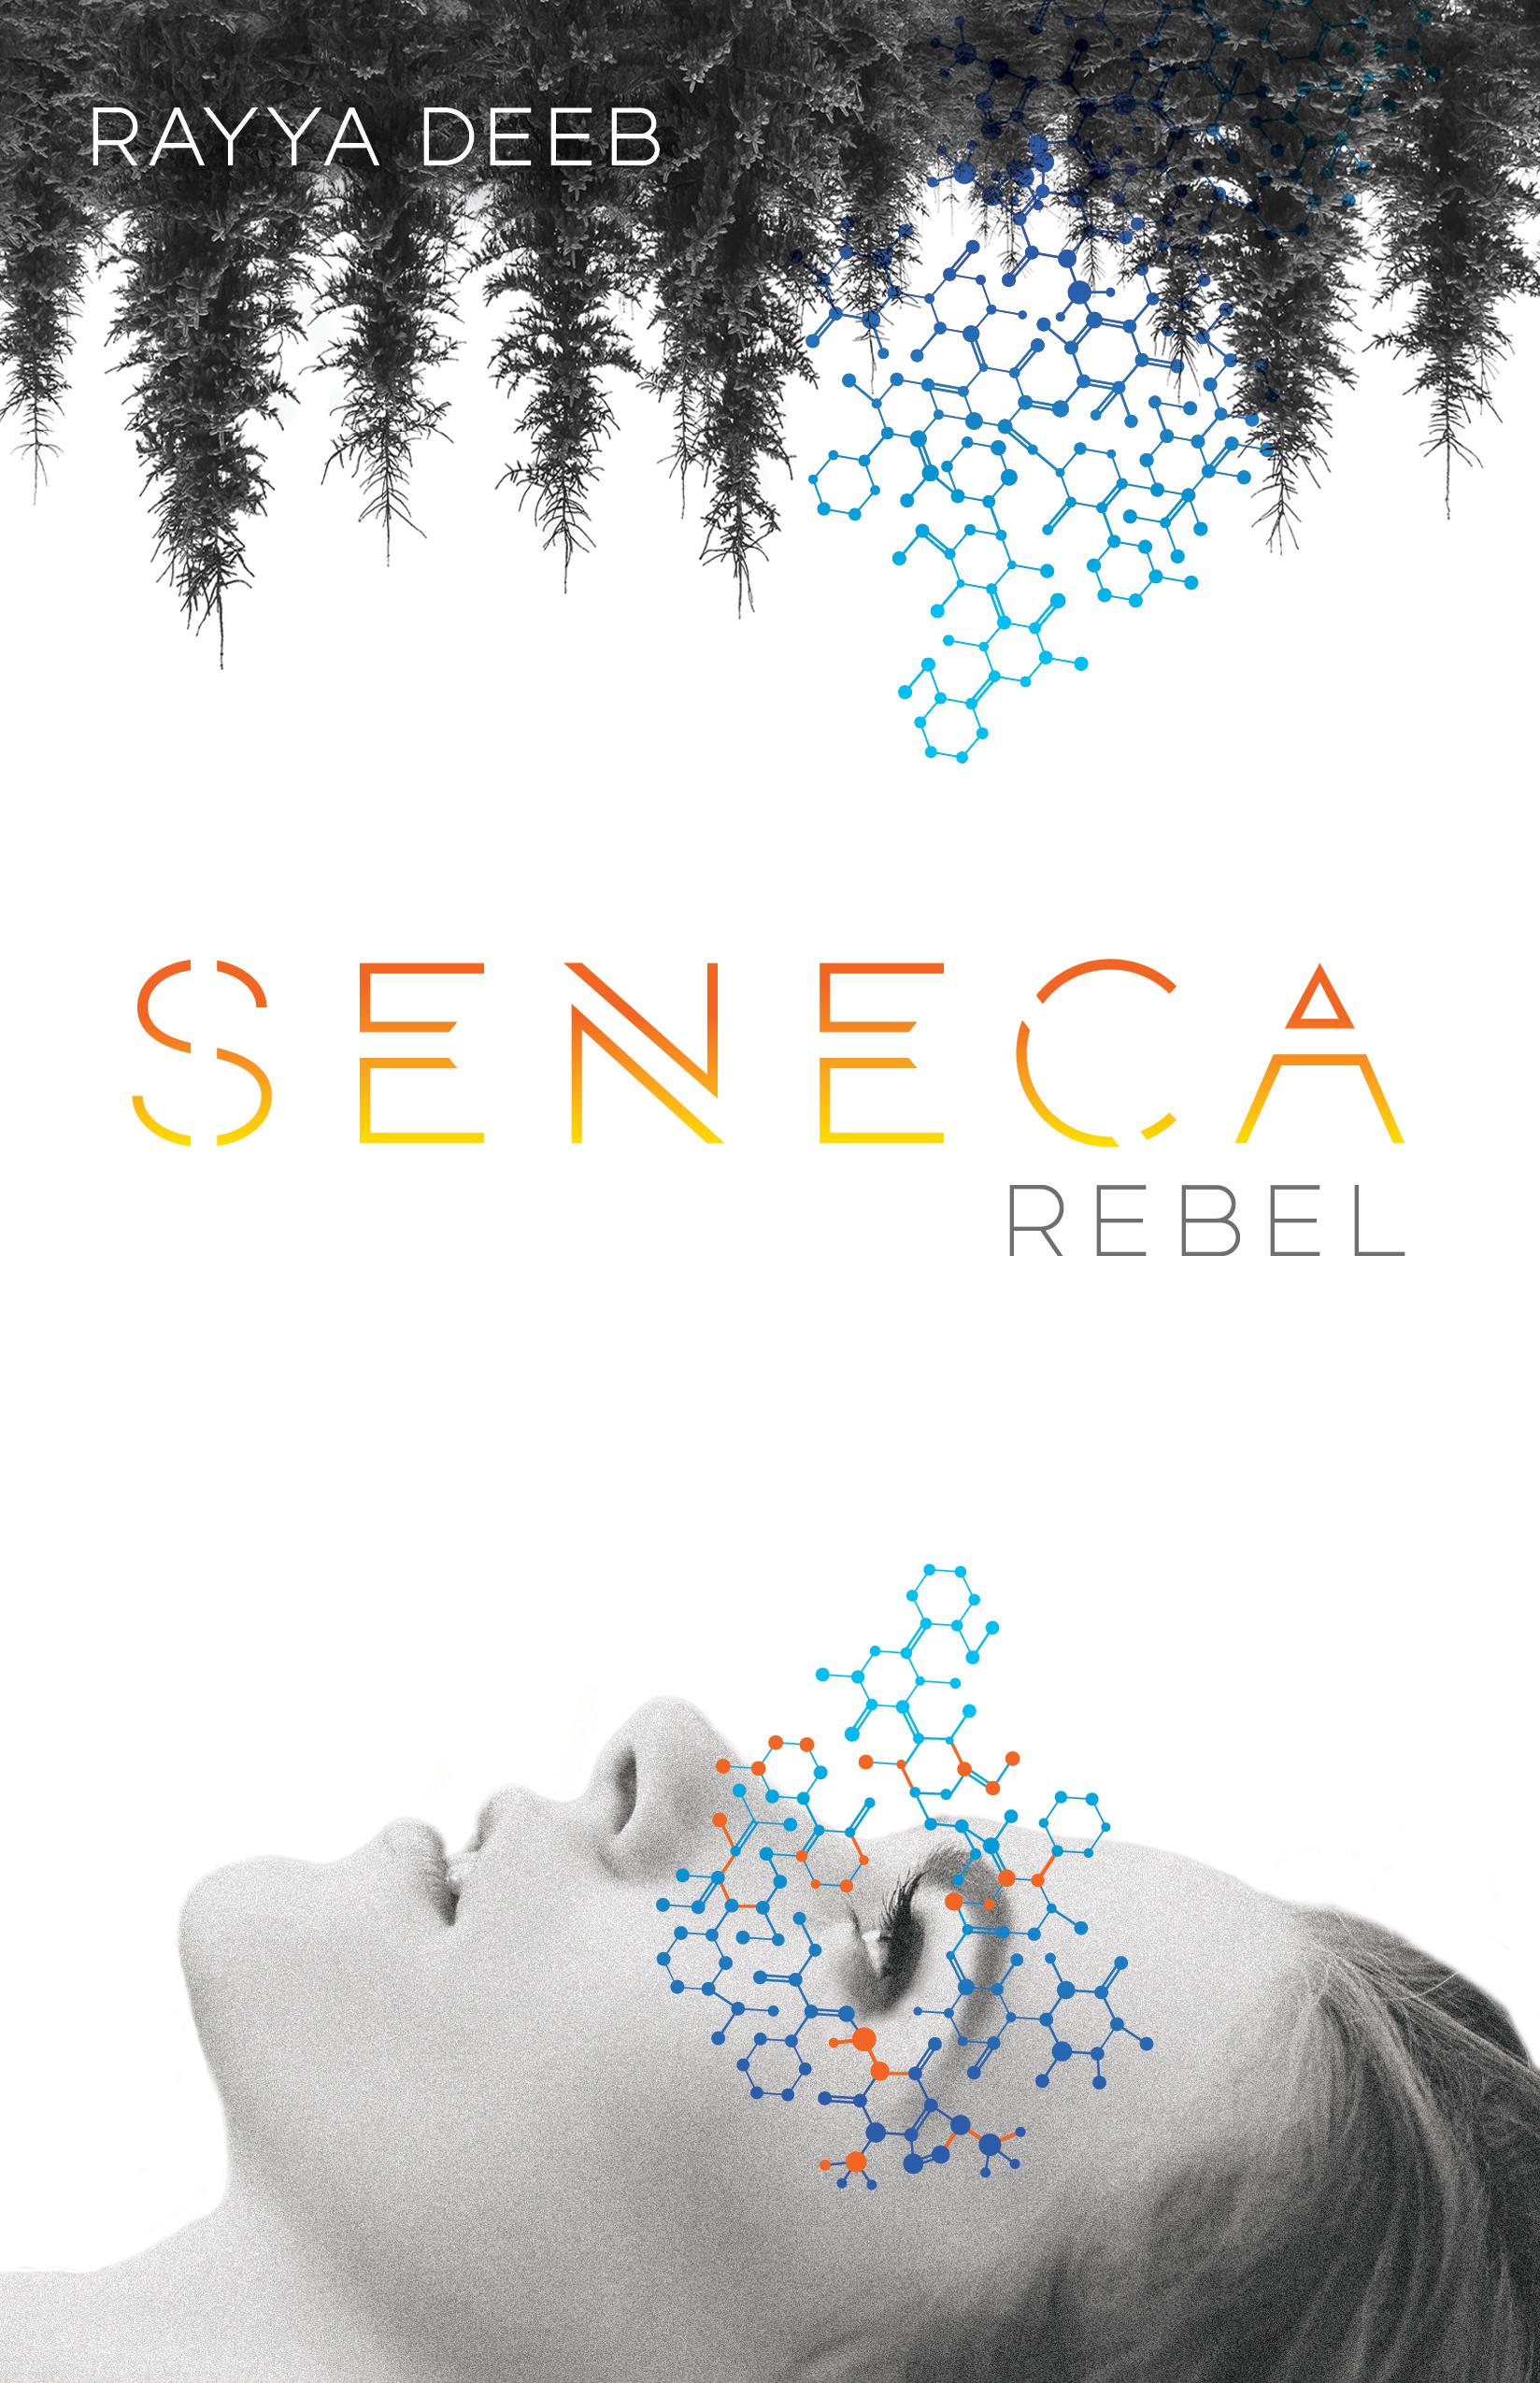 Seneca Rebel